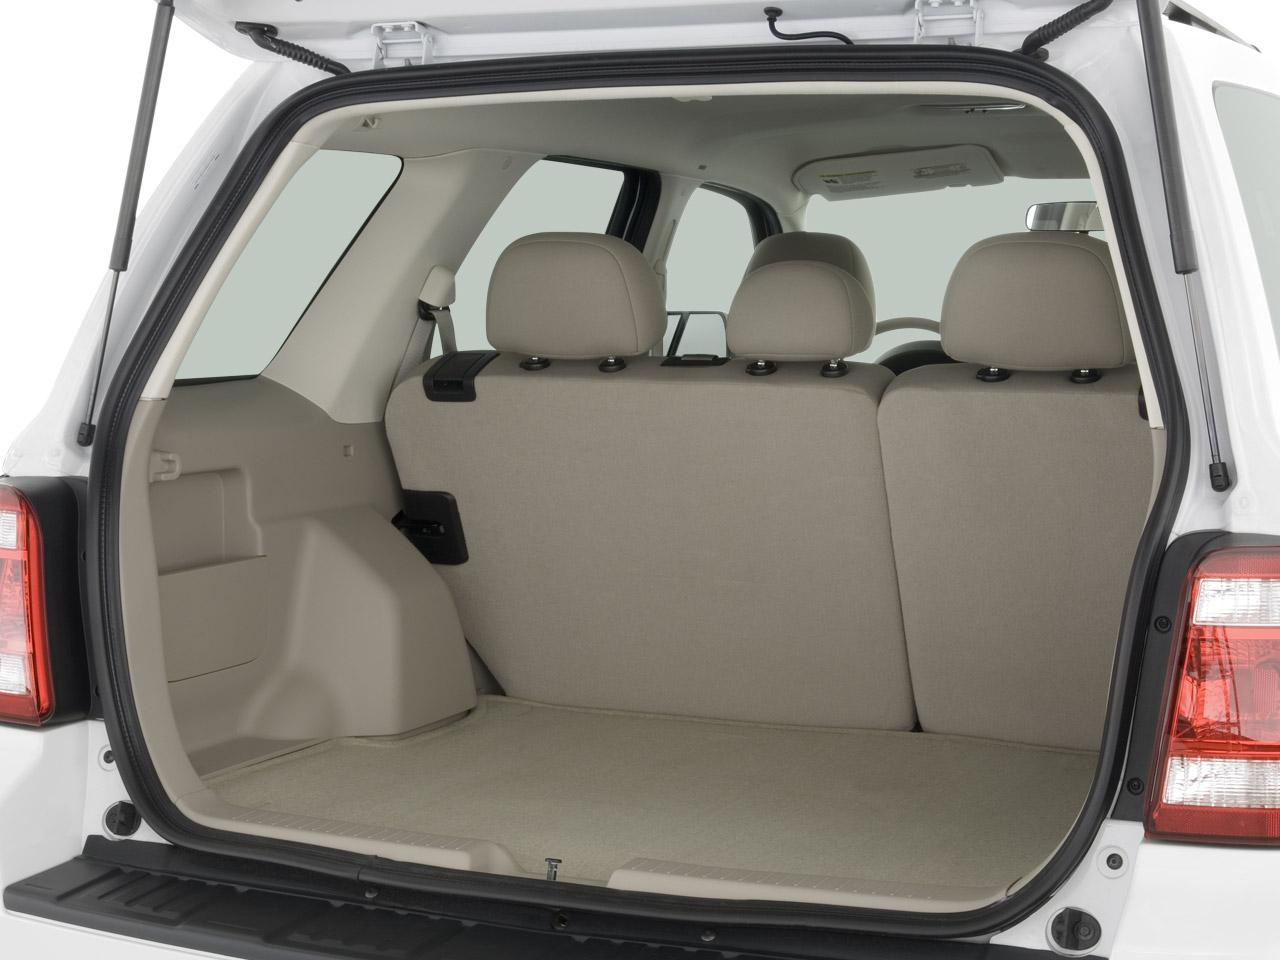 2008 ford escape latest news auto show coverage and future cars automobile magazine - Small suv cargo space property ...